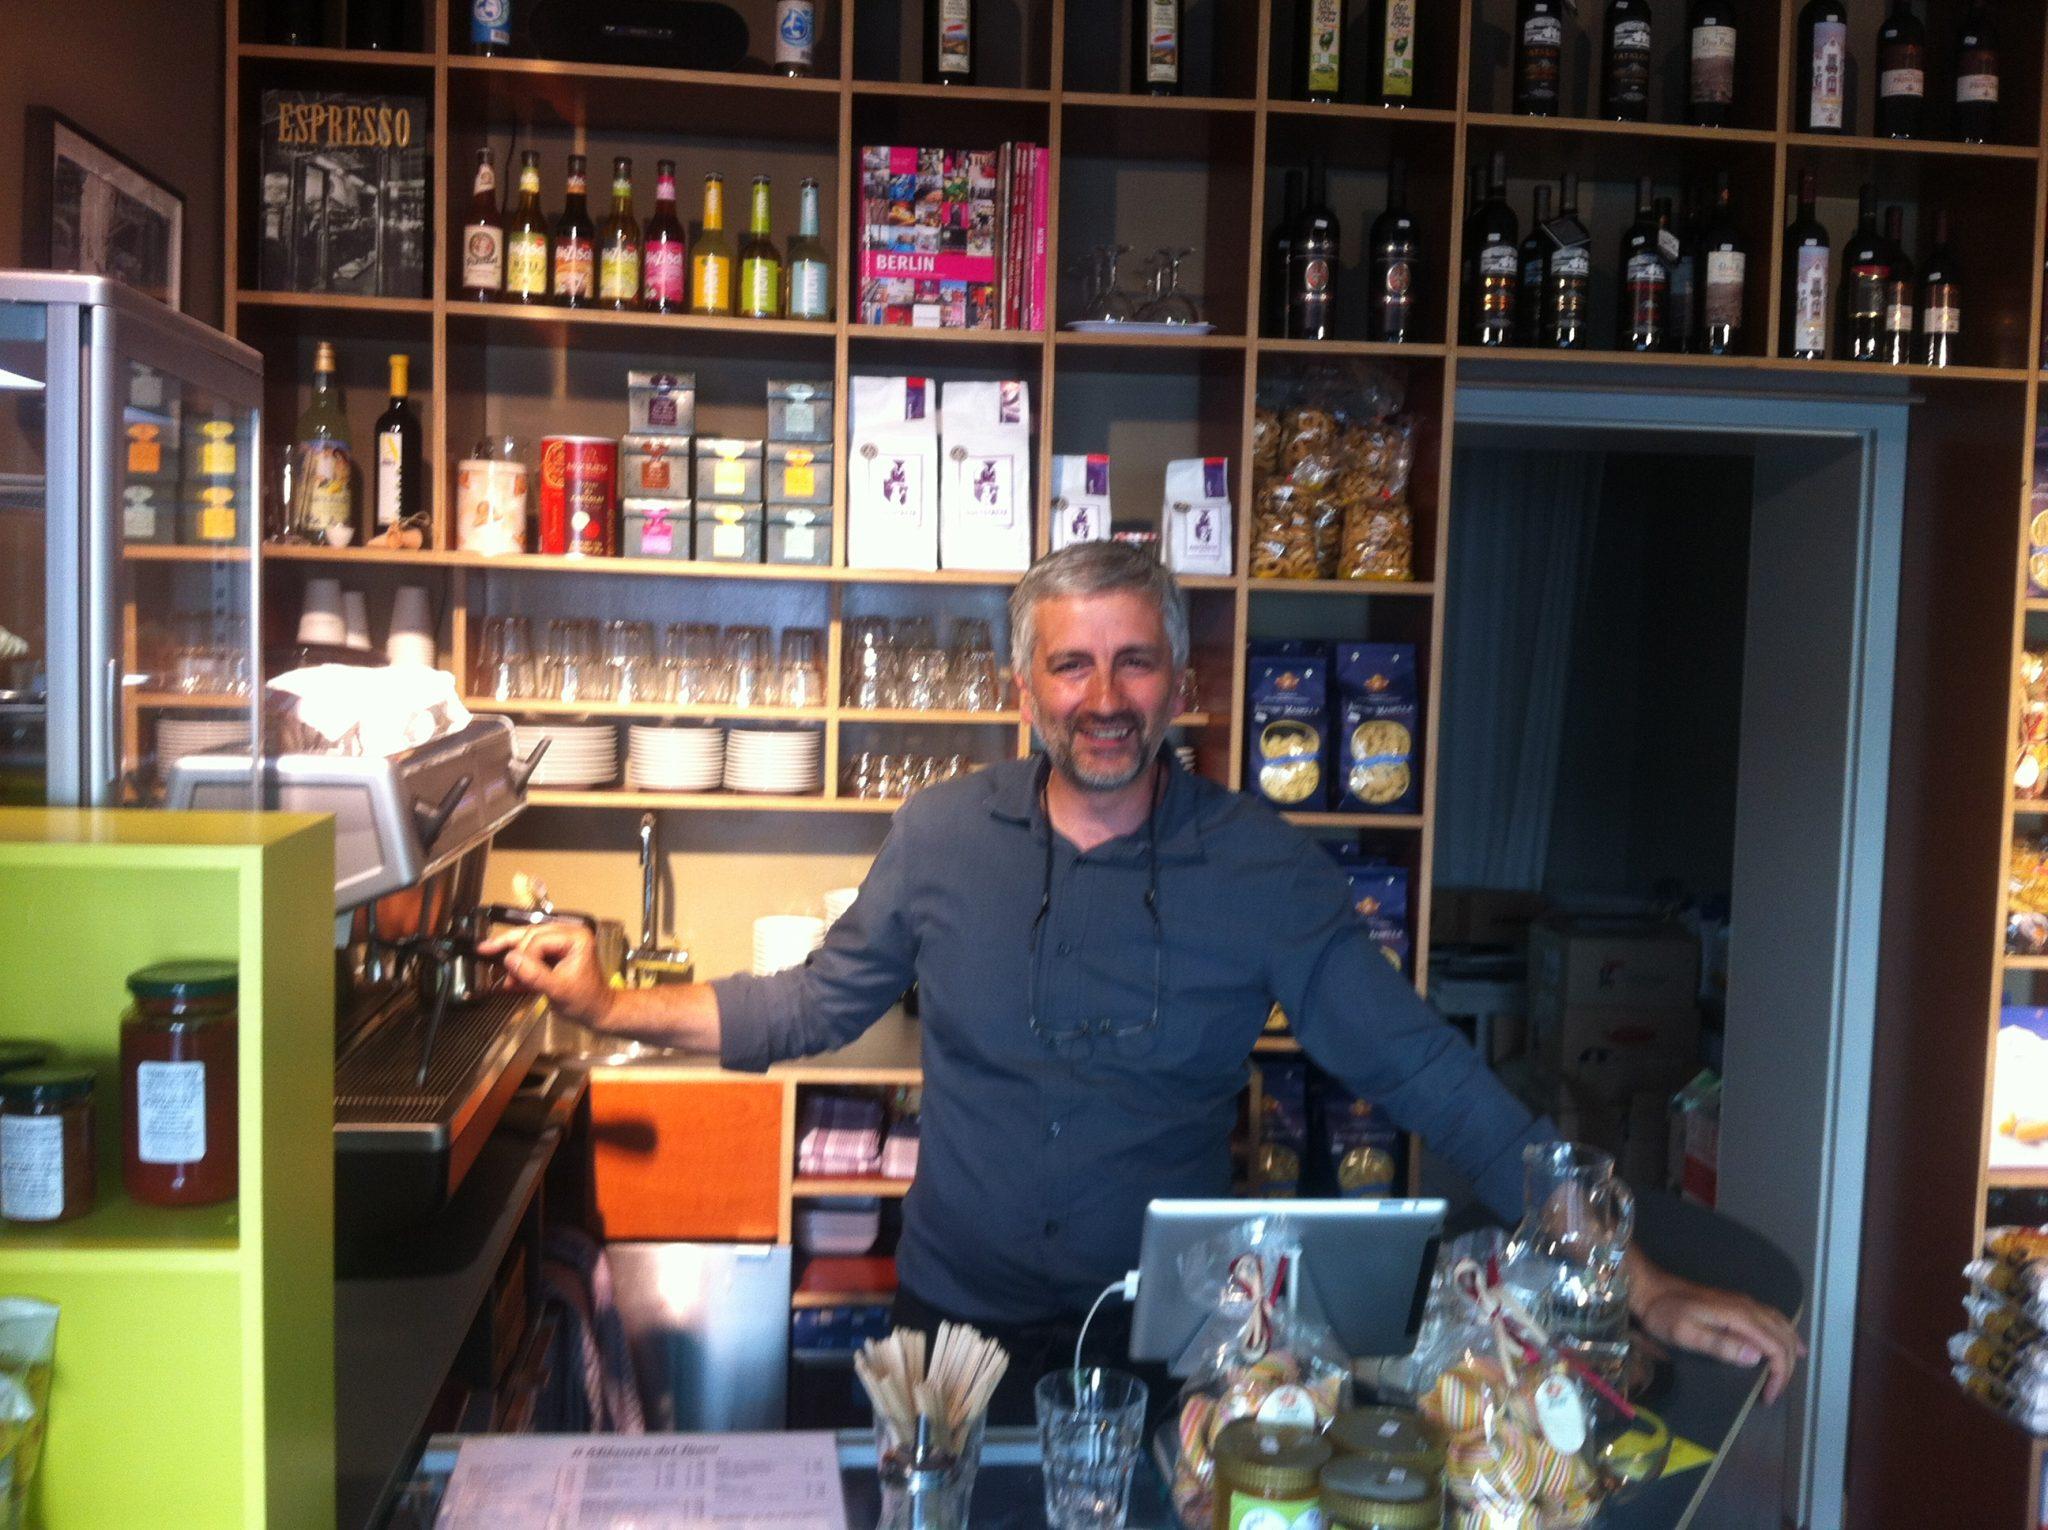 Der Ladeninhaber Filippo Tritto